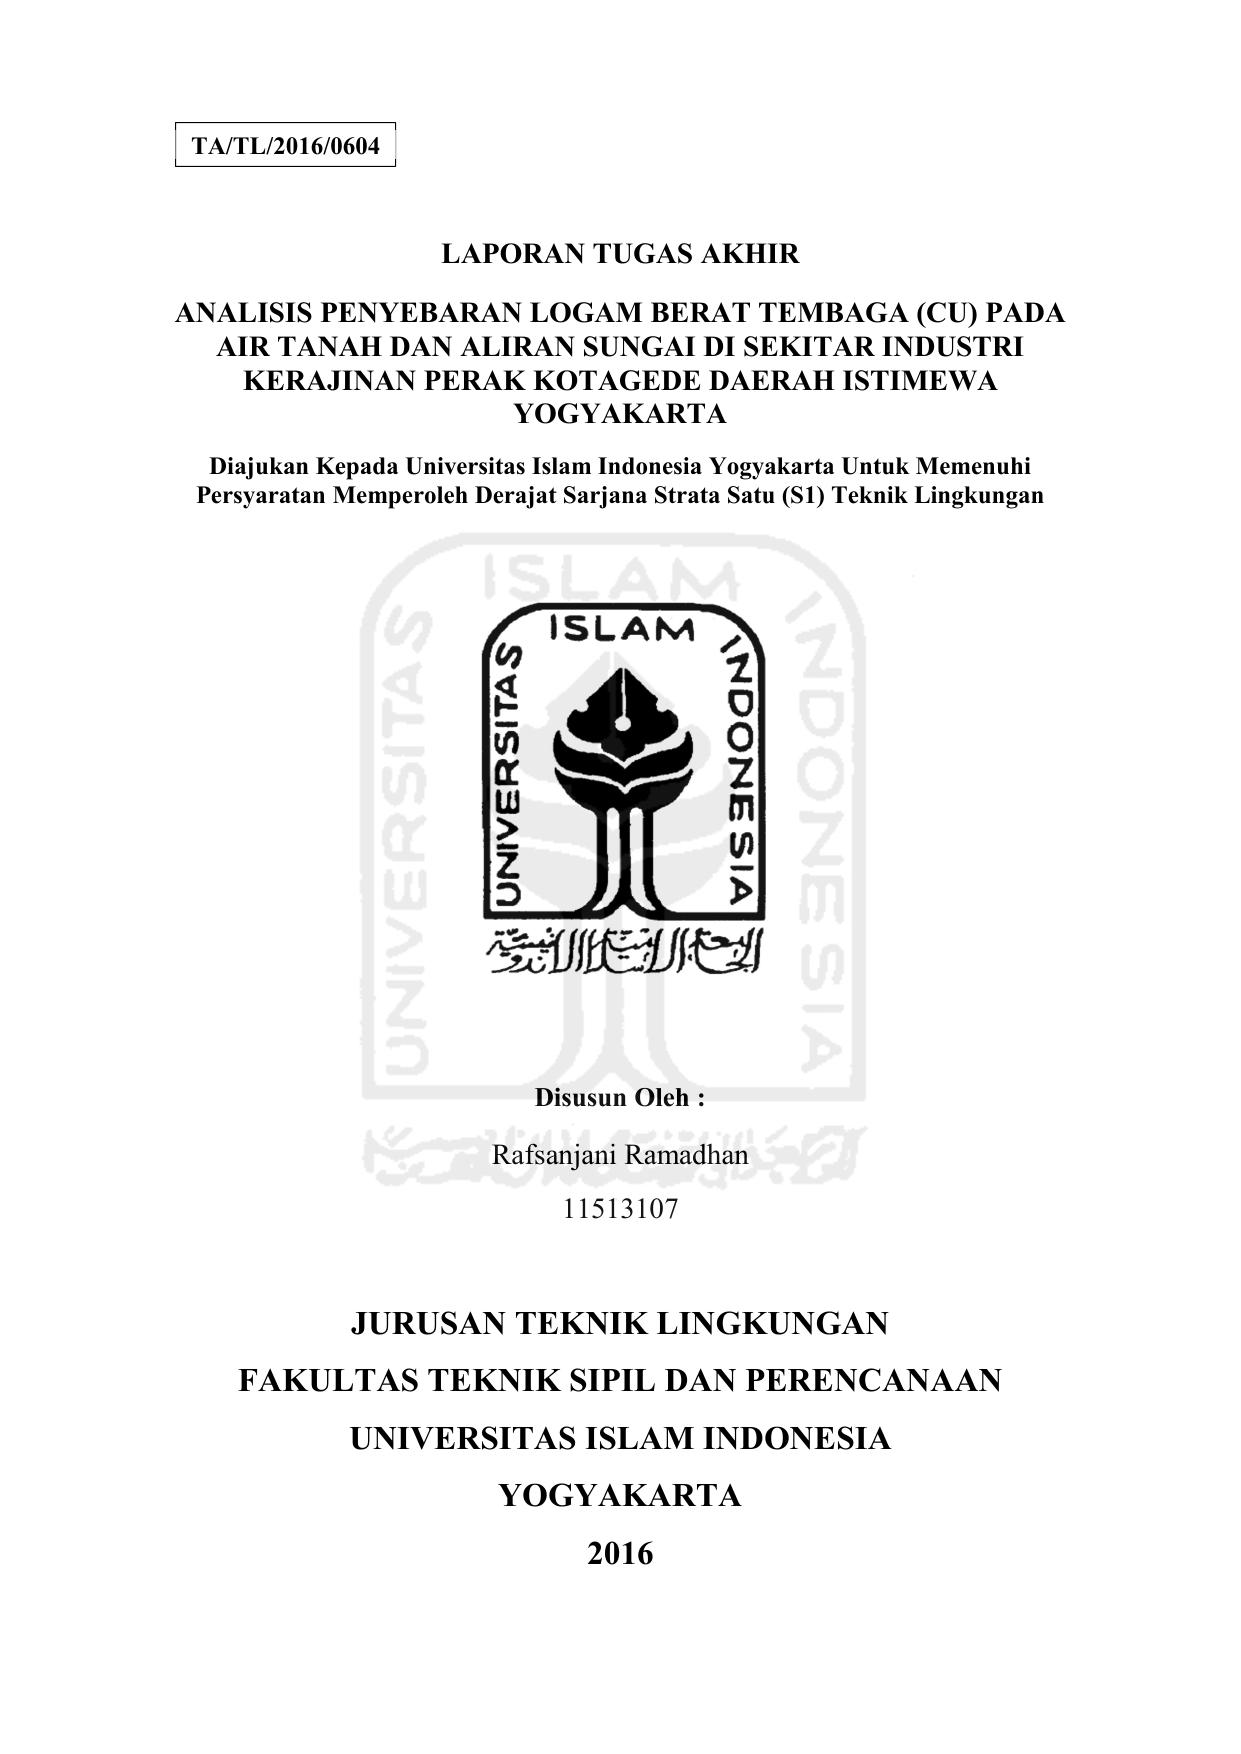 Jurusan Teknik Lingkungan Fakultas Teknik Sipil Dan Perencanaan